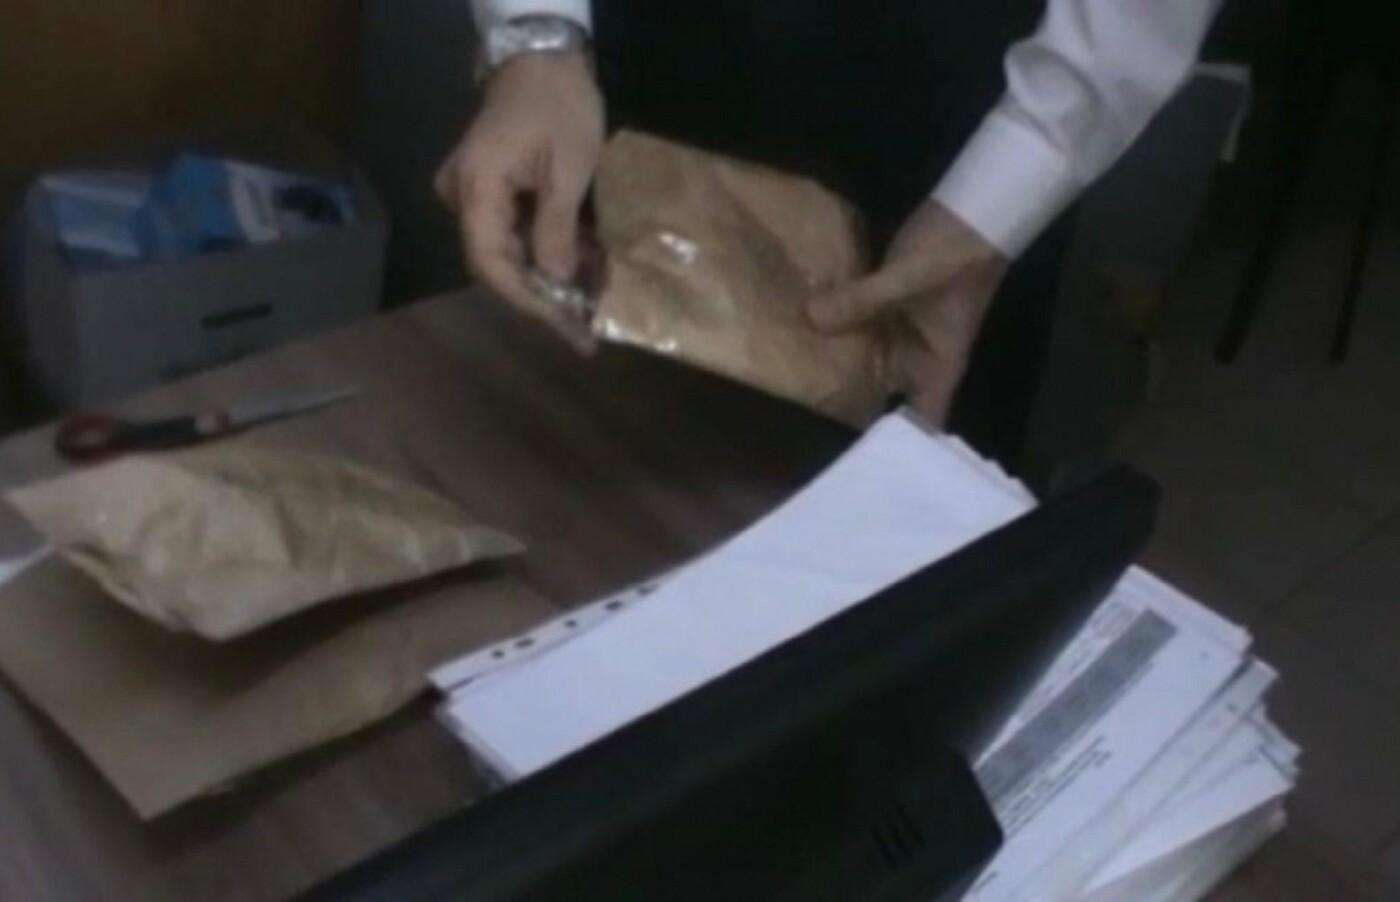 Начальника и главбуха колонии задержали сотрудники КНБ в Атырауской области, фото-1, @knb.gov.kz